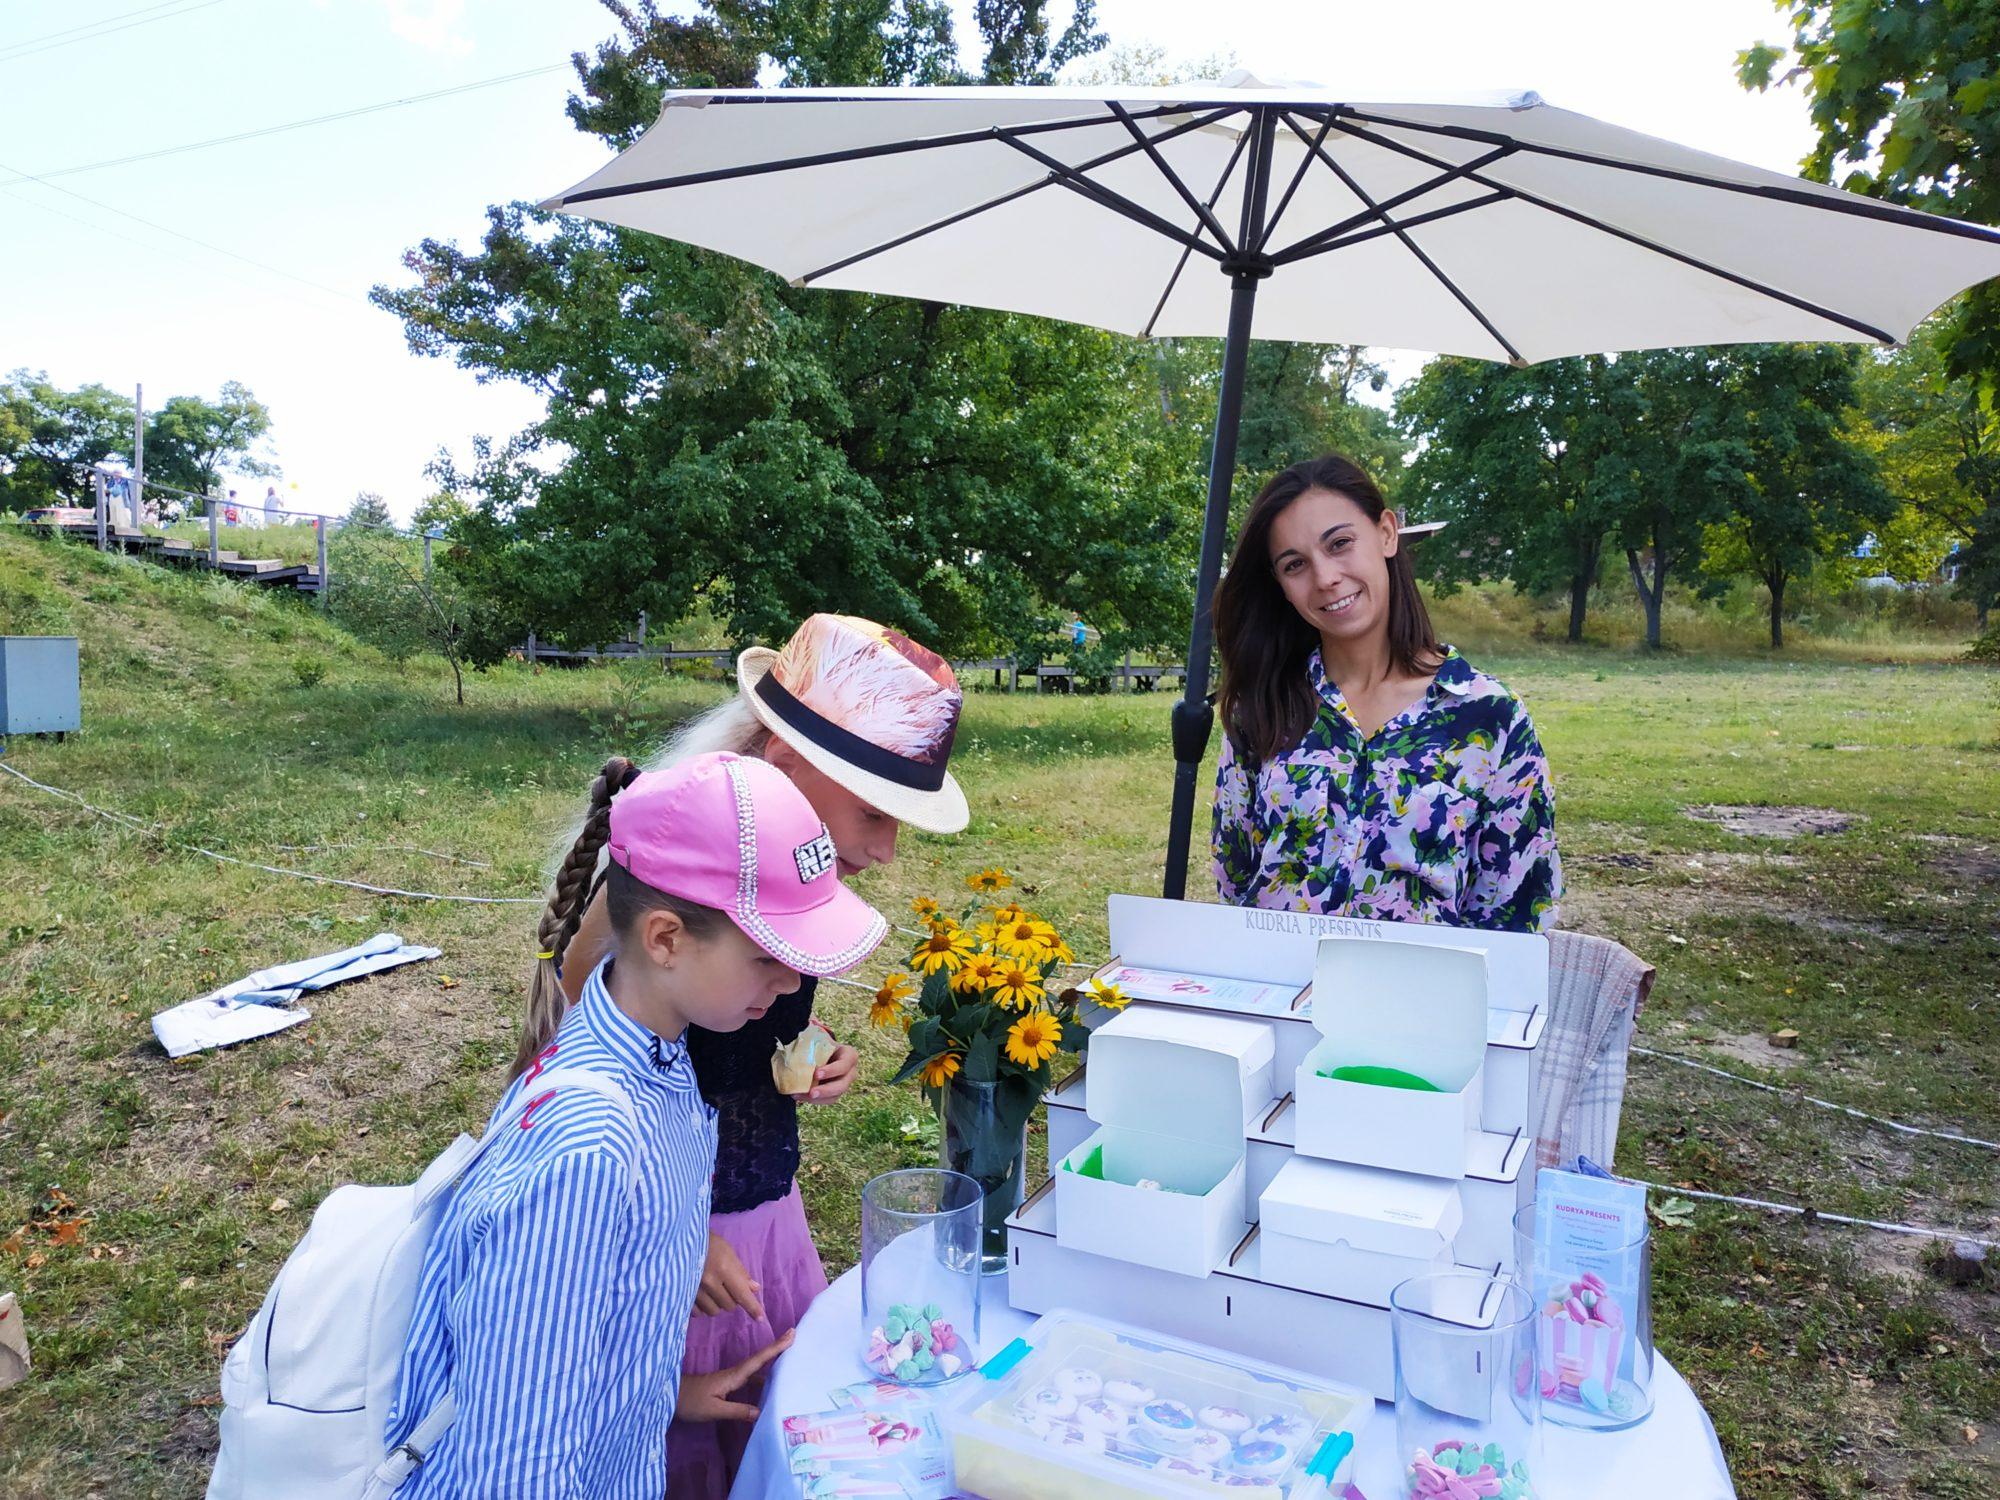 «Свято родинних традицій» у Вишгороді зібрало друзів і партнерів - Фестиваль, Вишгород - 0810 Rod Trad makaruny 2000x1500